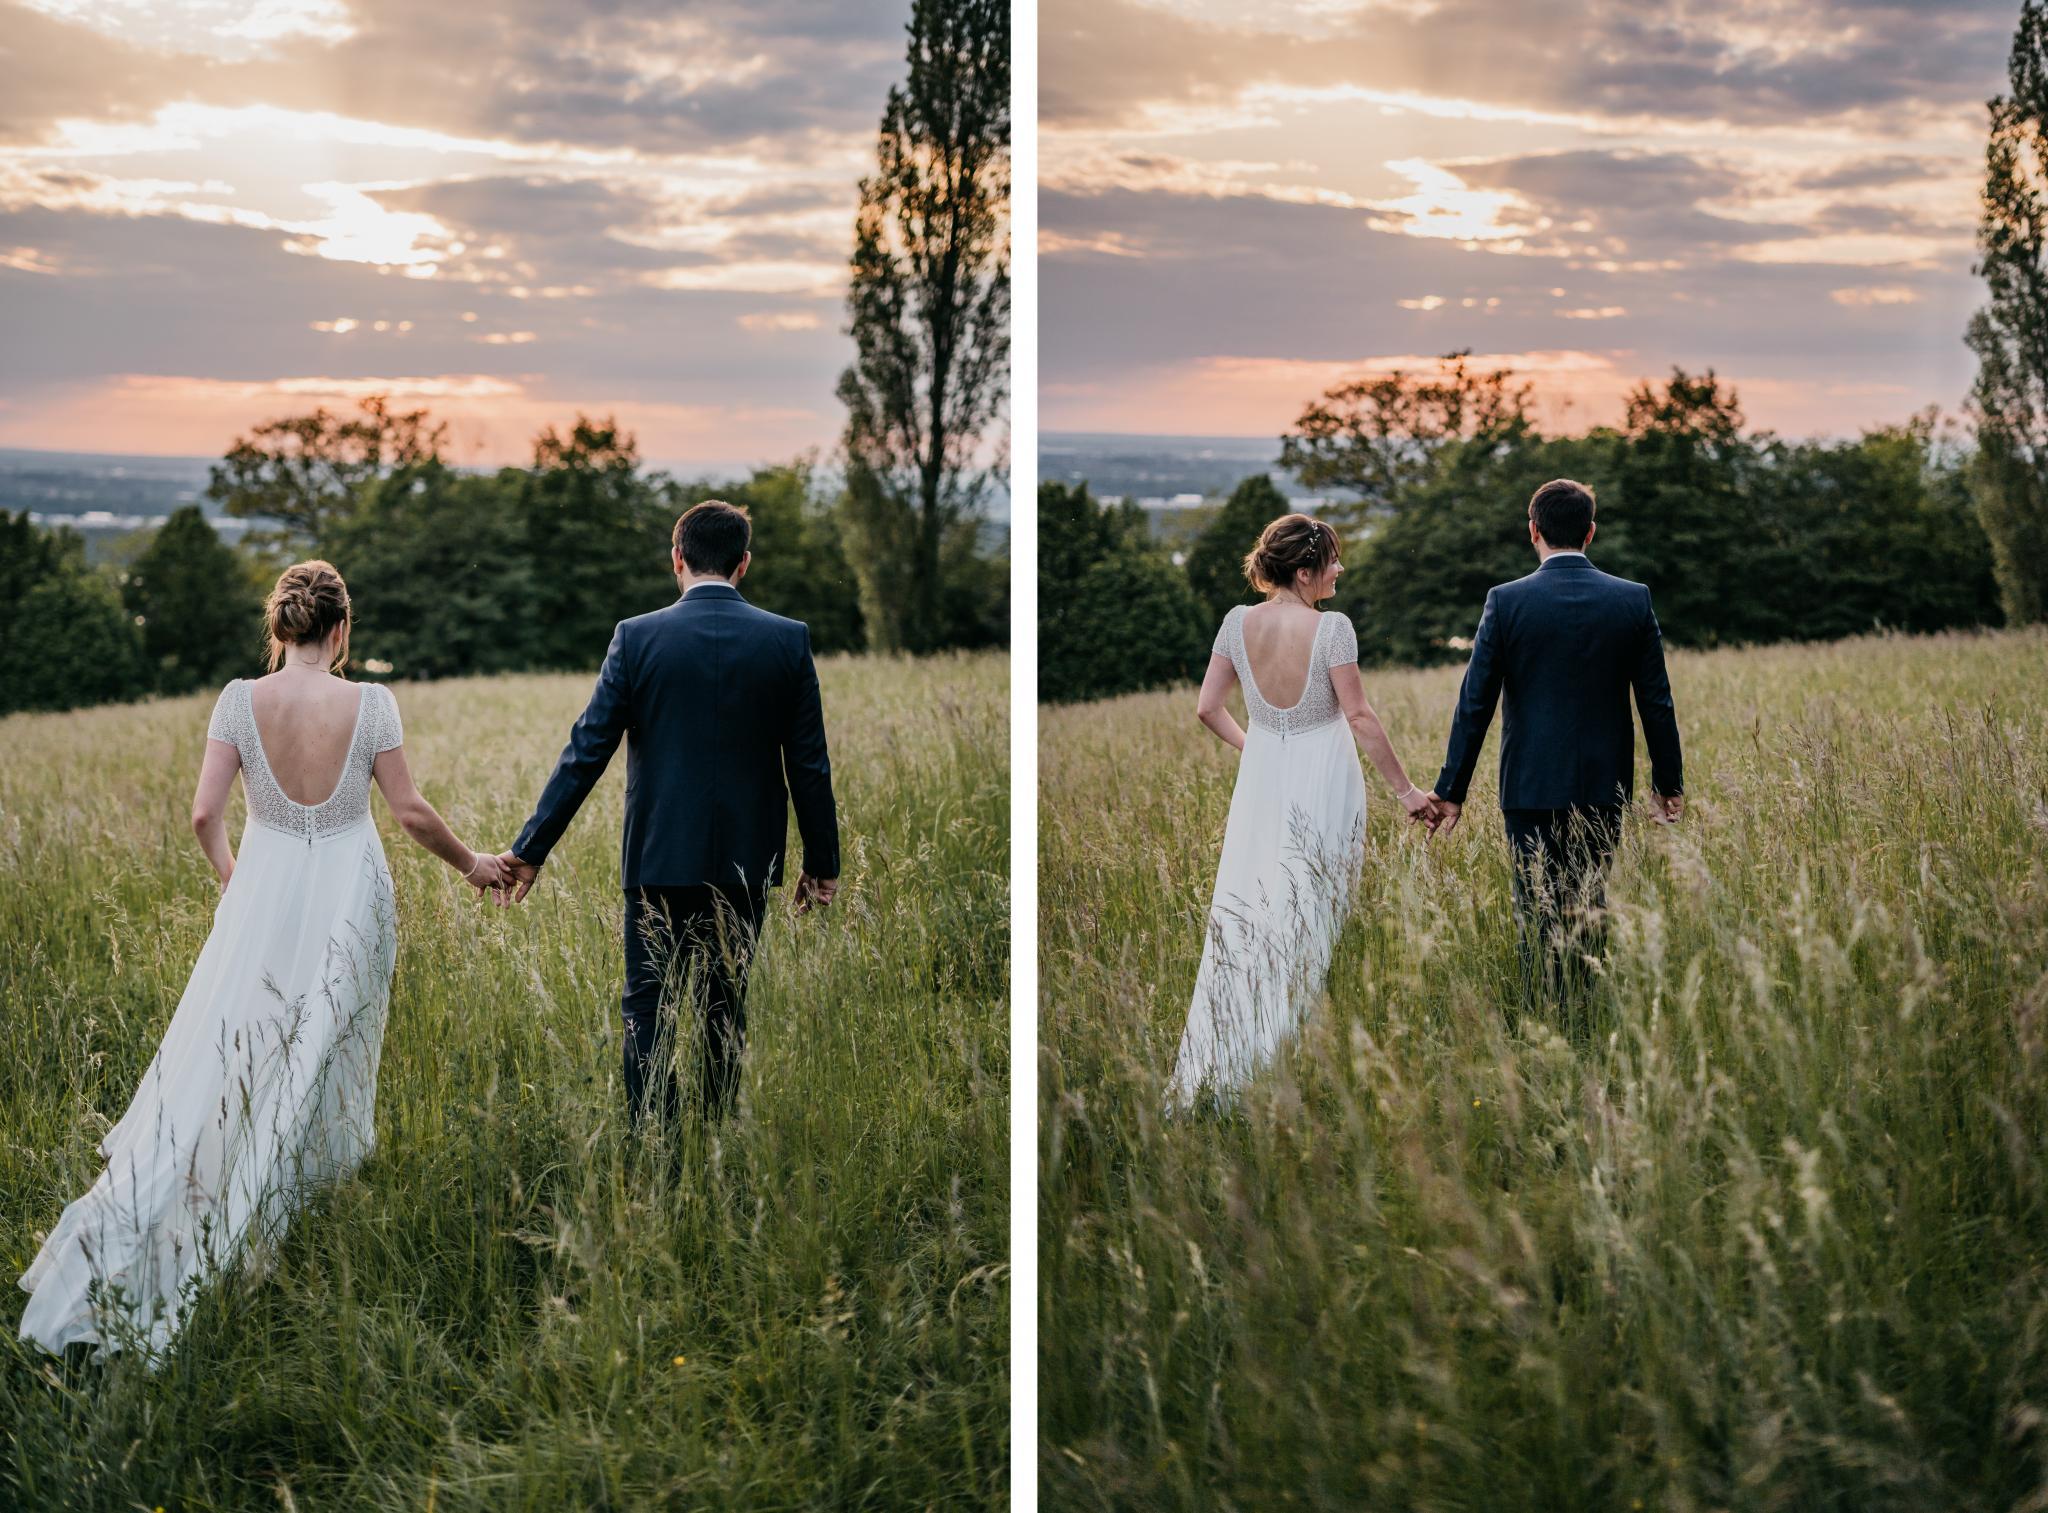 Hochzeit auf Schloss Heiligenberg Sonnenuntergangsshooting